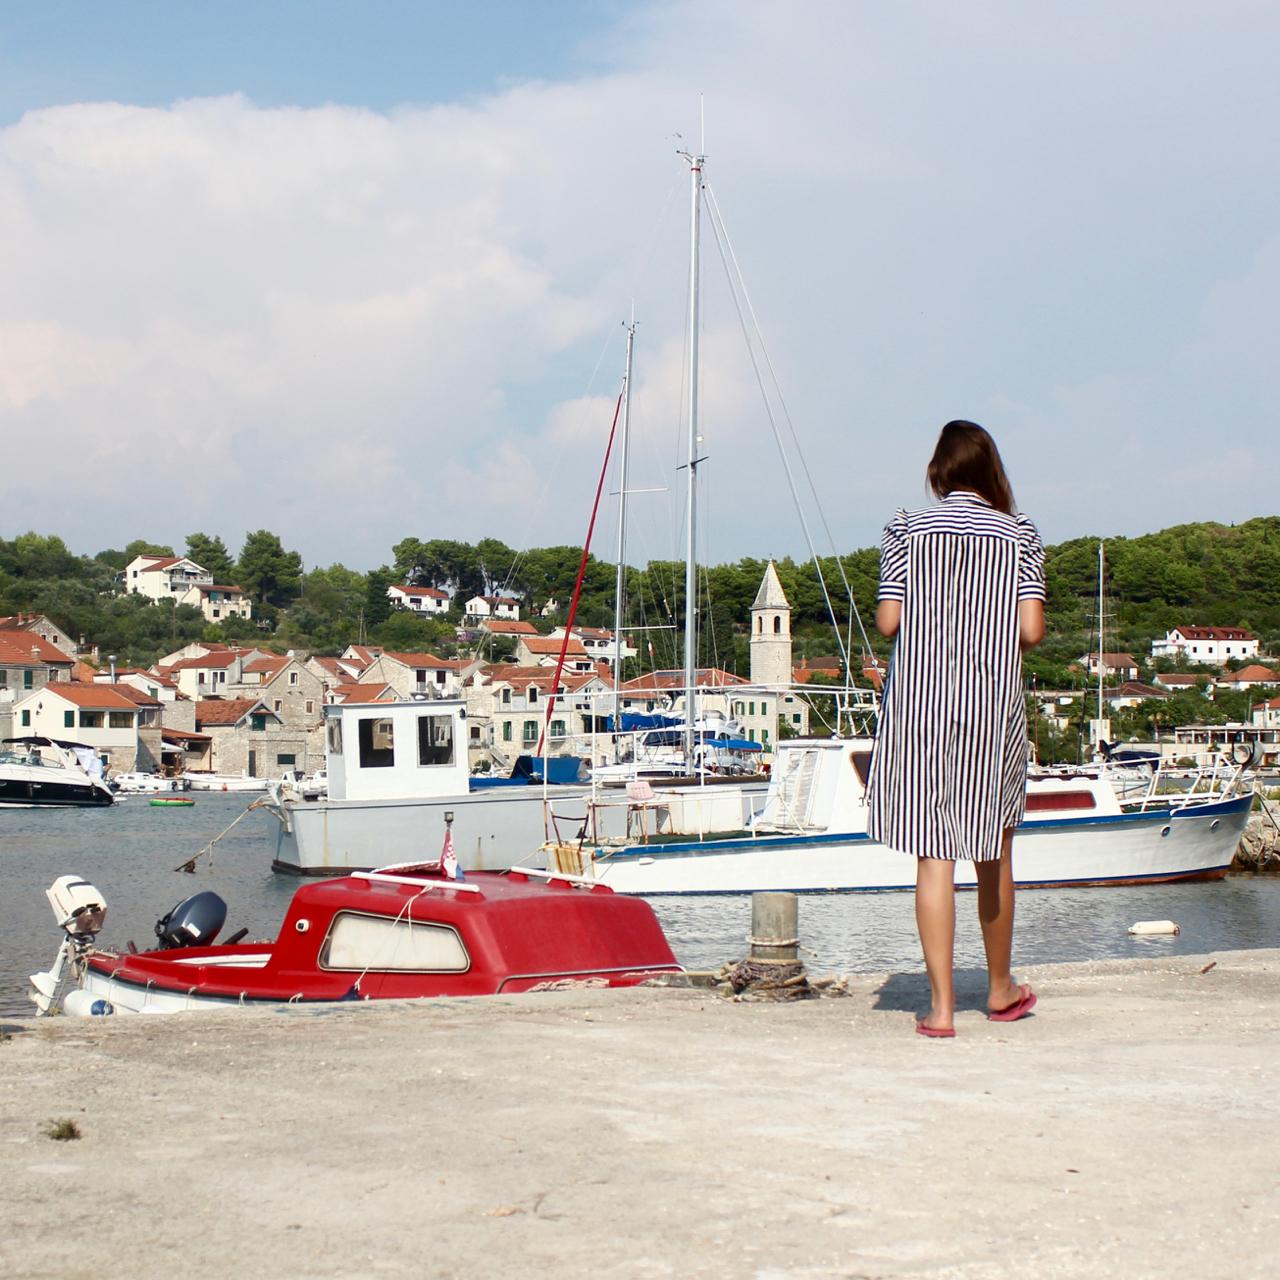 Prvic, Croatia - 15